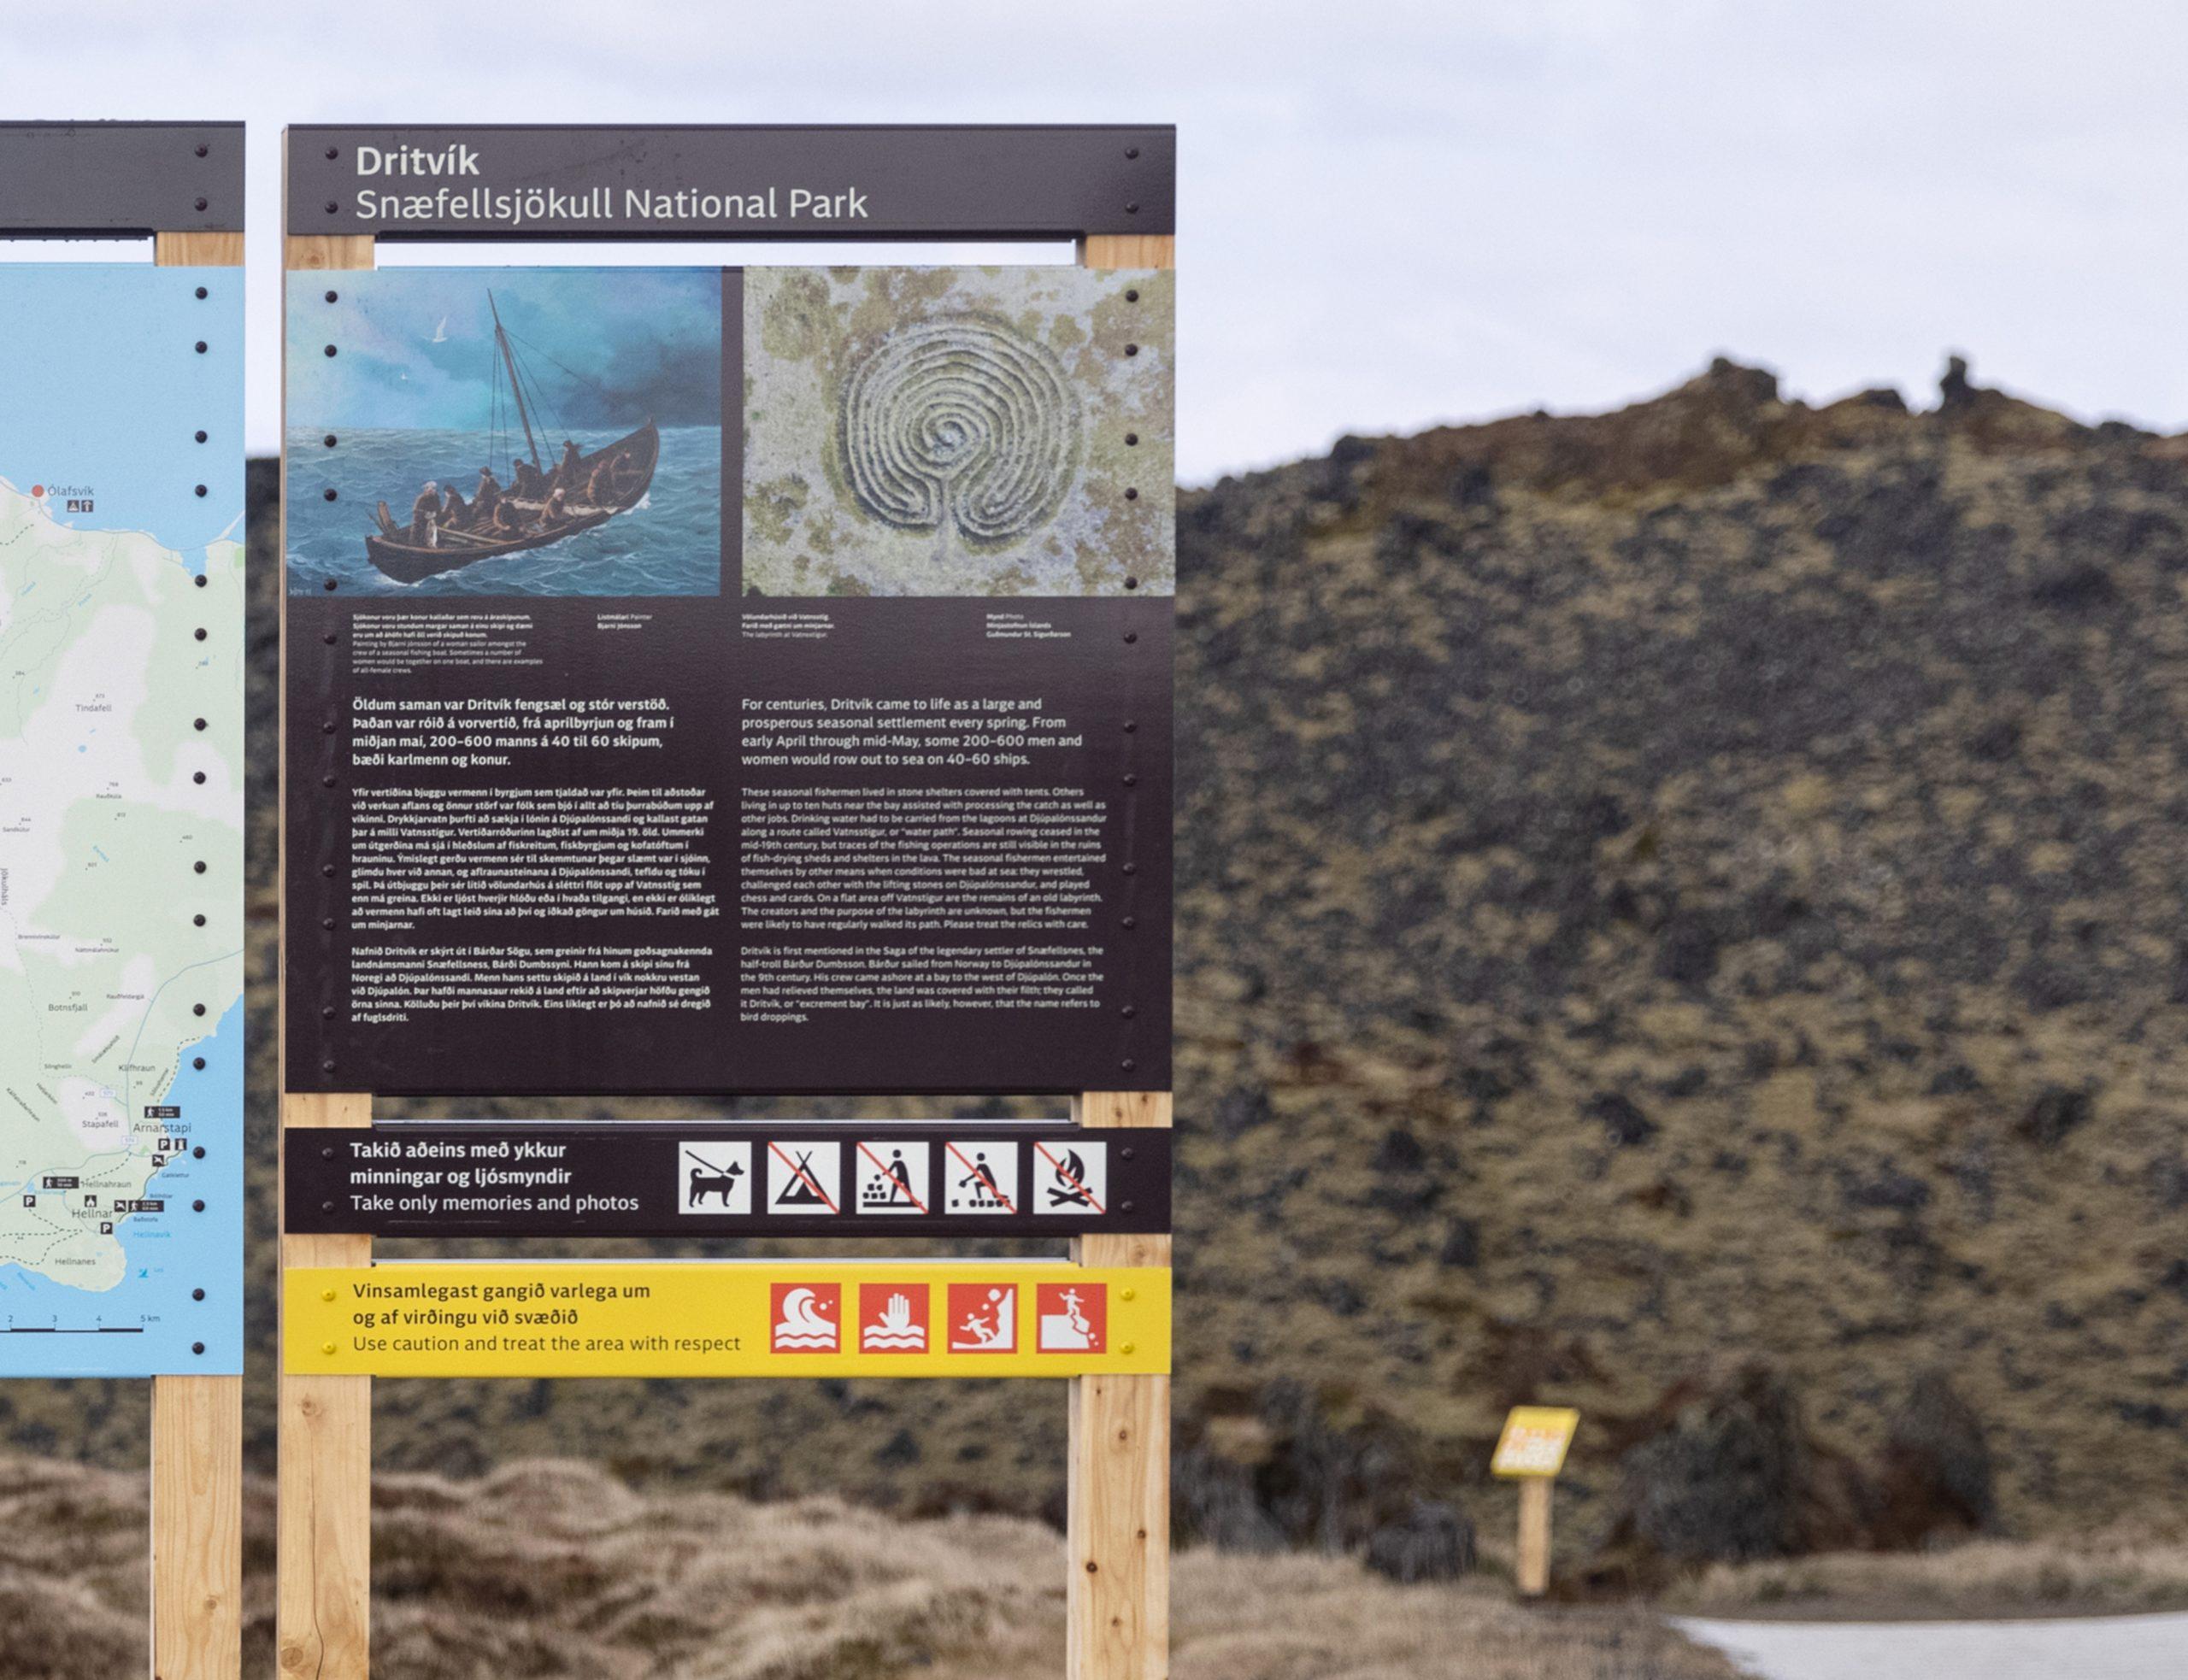 Dæmi um texta fyrir staðarskilti við Dritvík